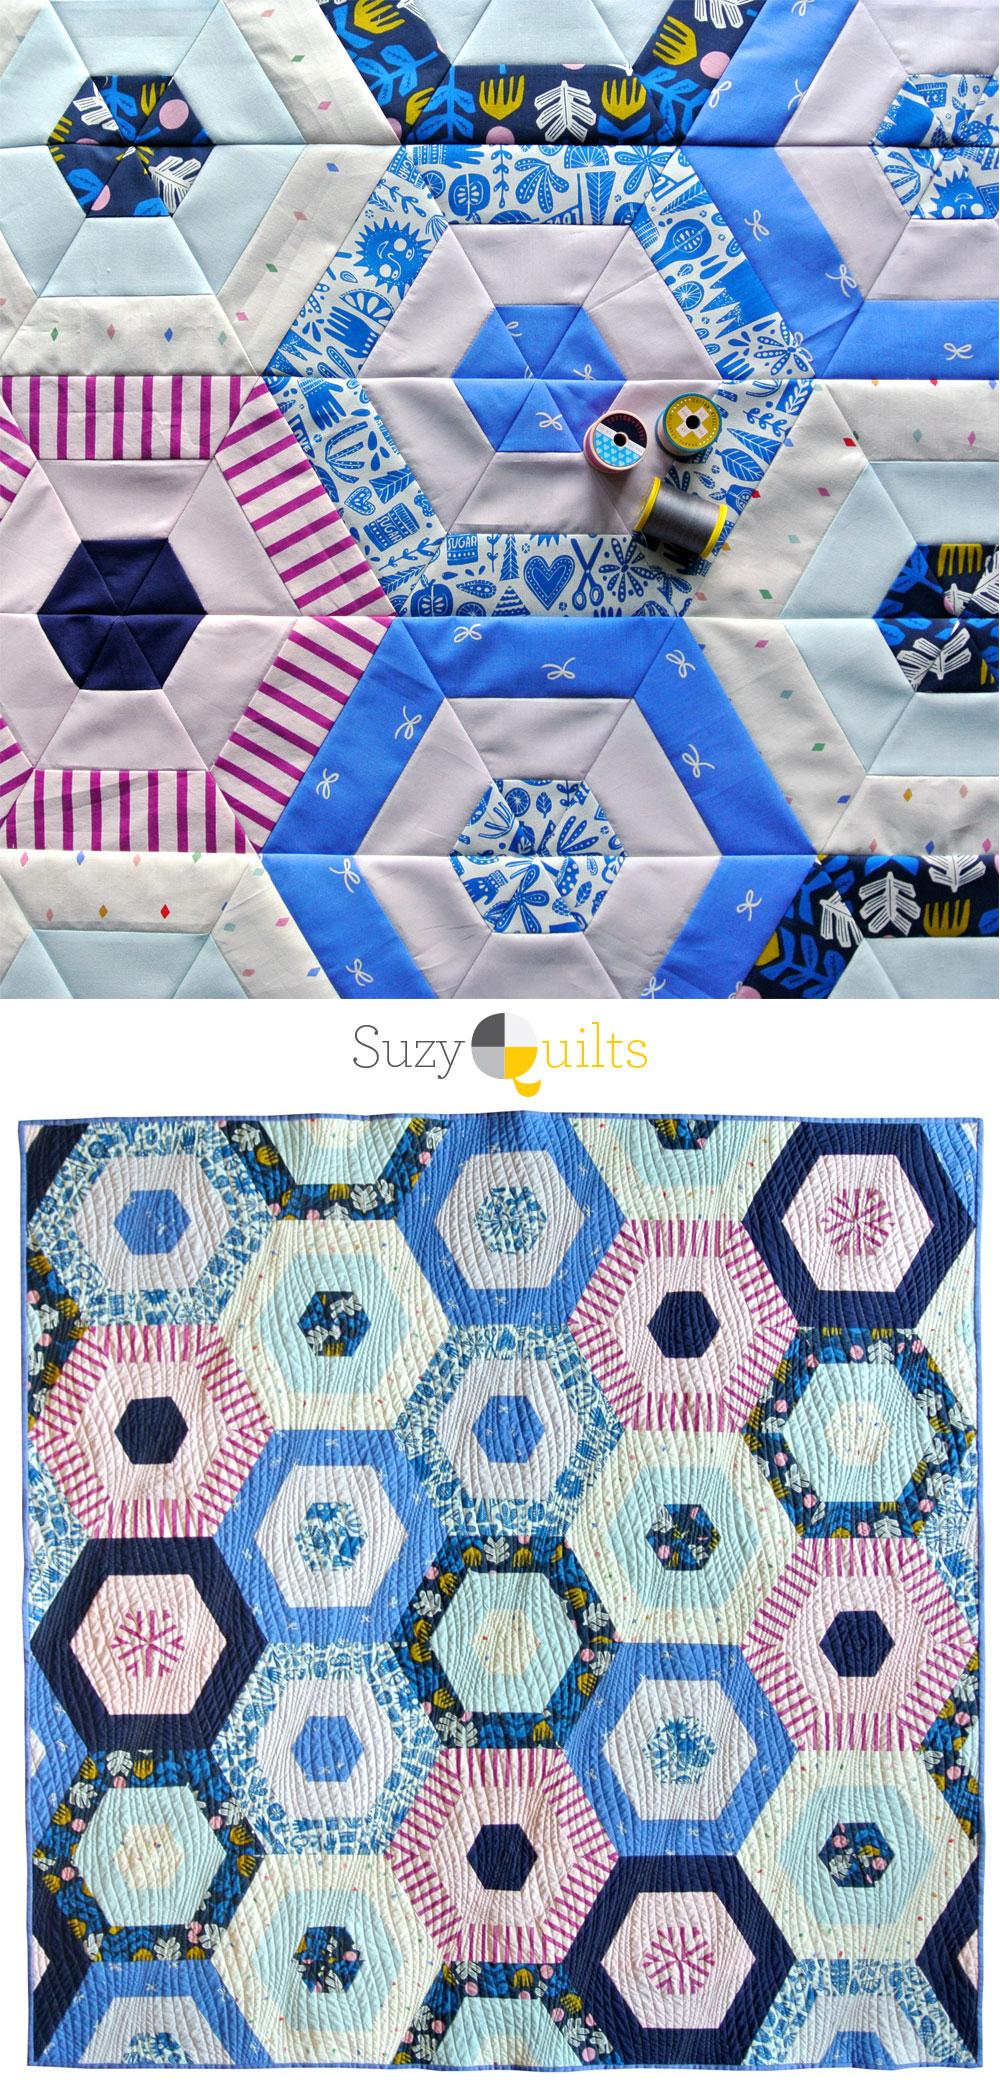 Suzy-quilts-hexie-stripe-quilt-blogs